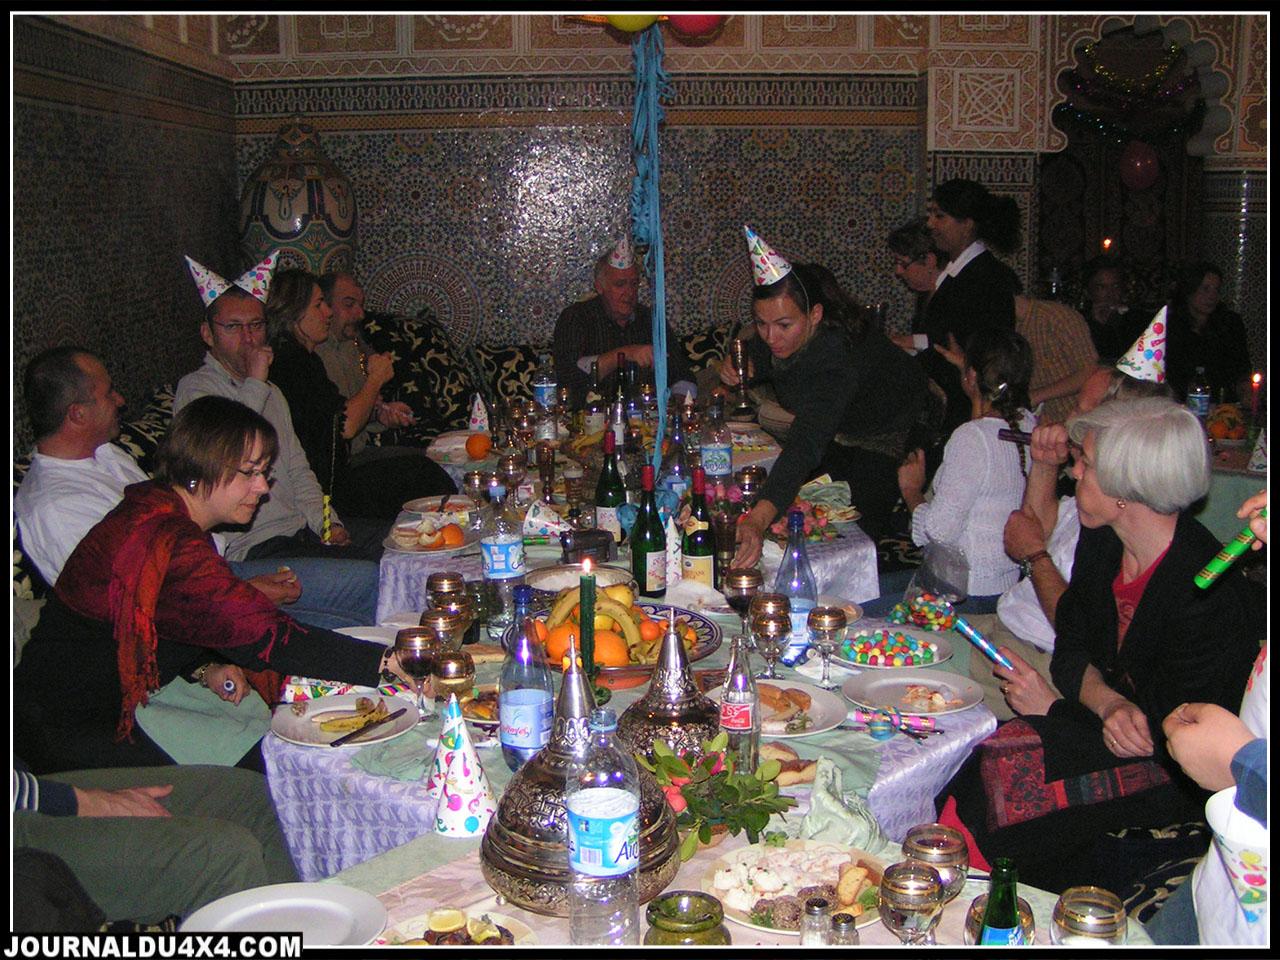 Réveillon insolite au Maroc 28 décembre 2012 - 3 janvier 2013